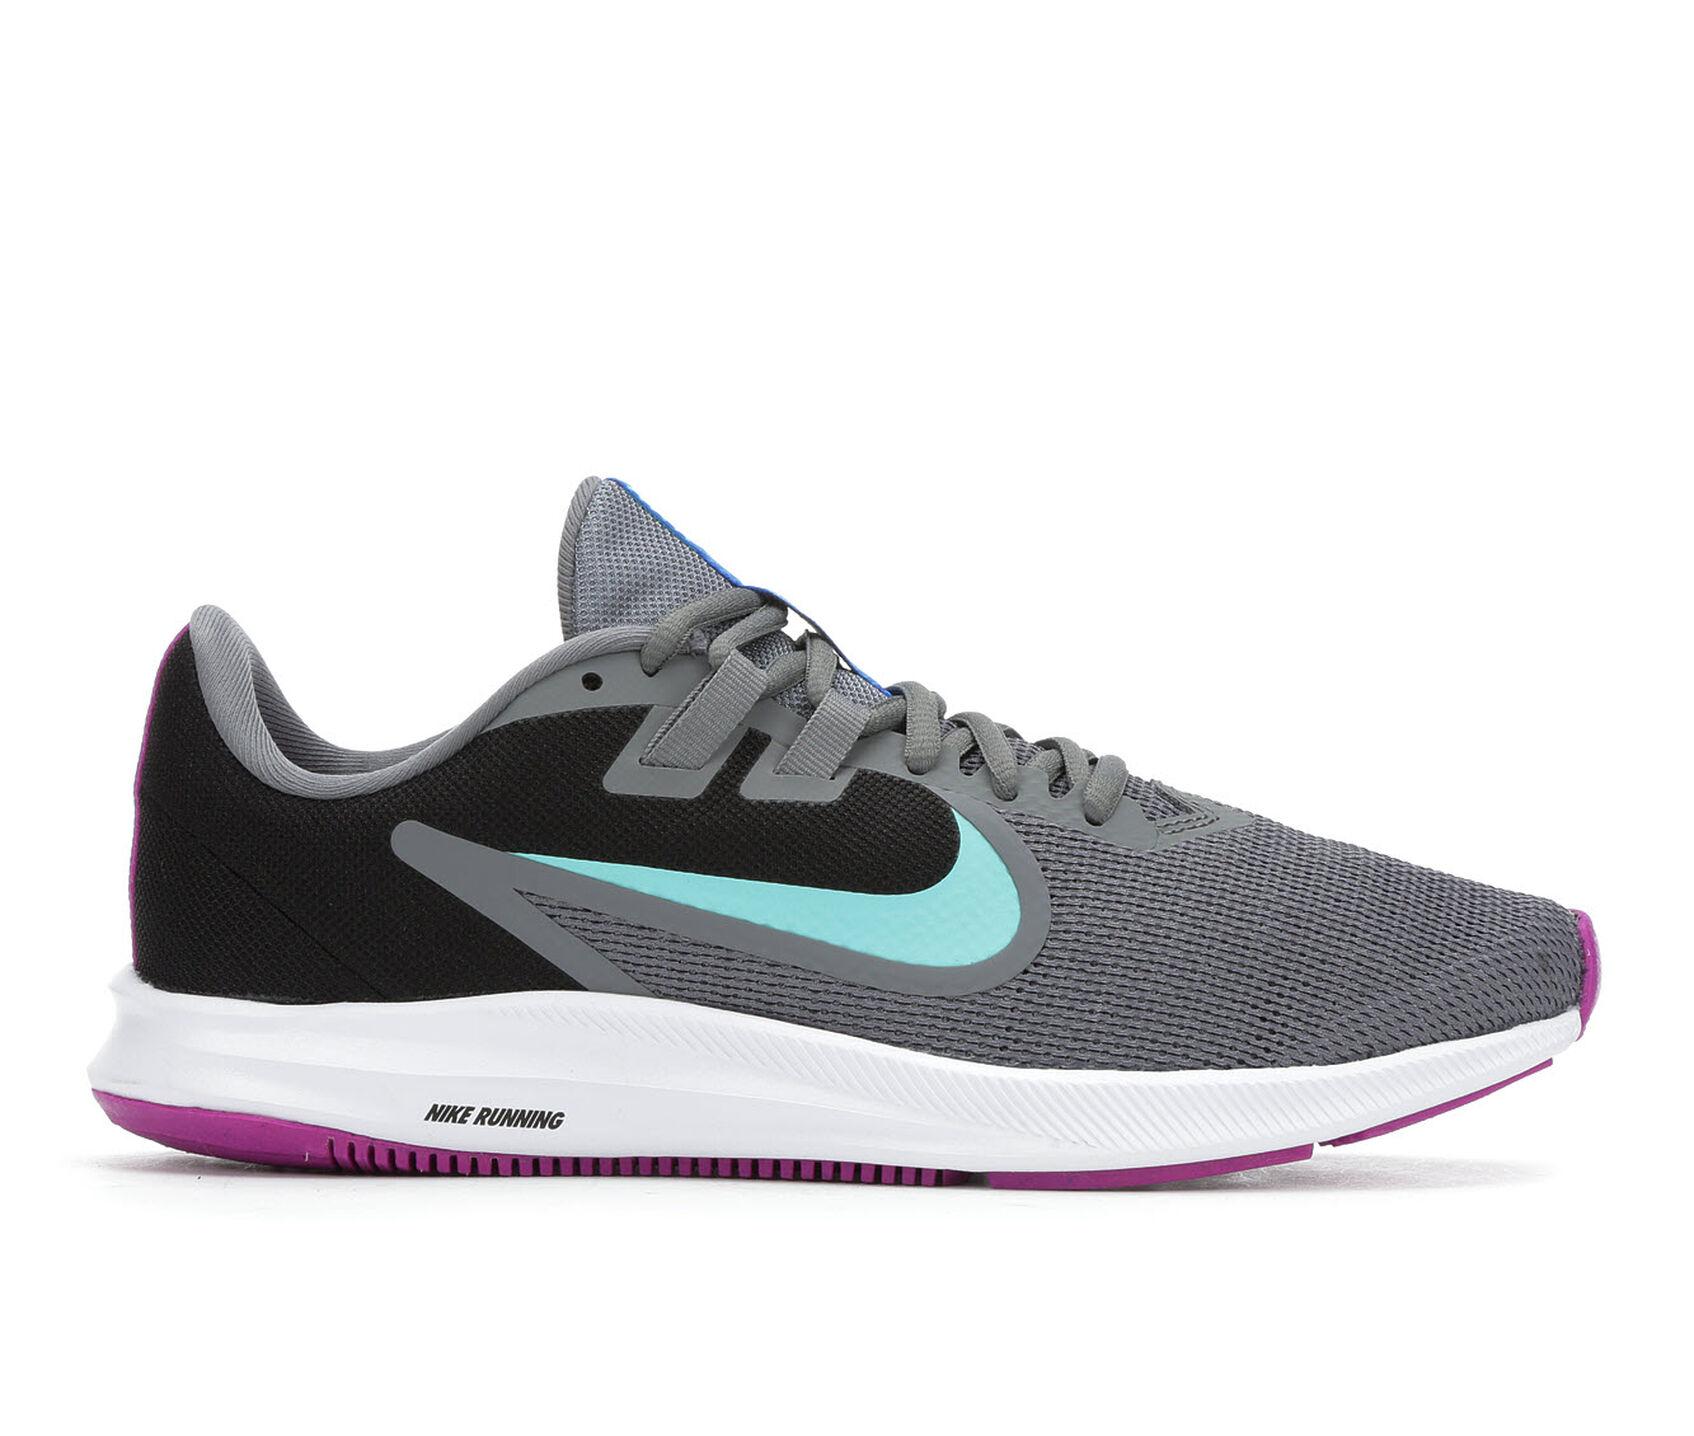 promo code eda87 7603b Women's Nike Downshifter 9 Running Shoes